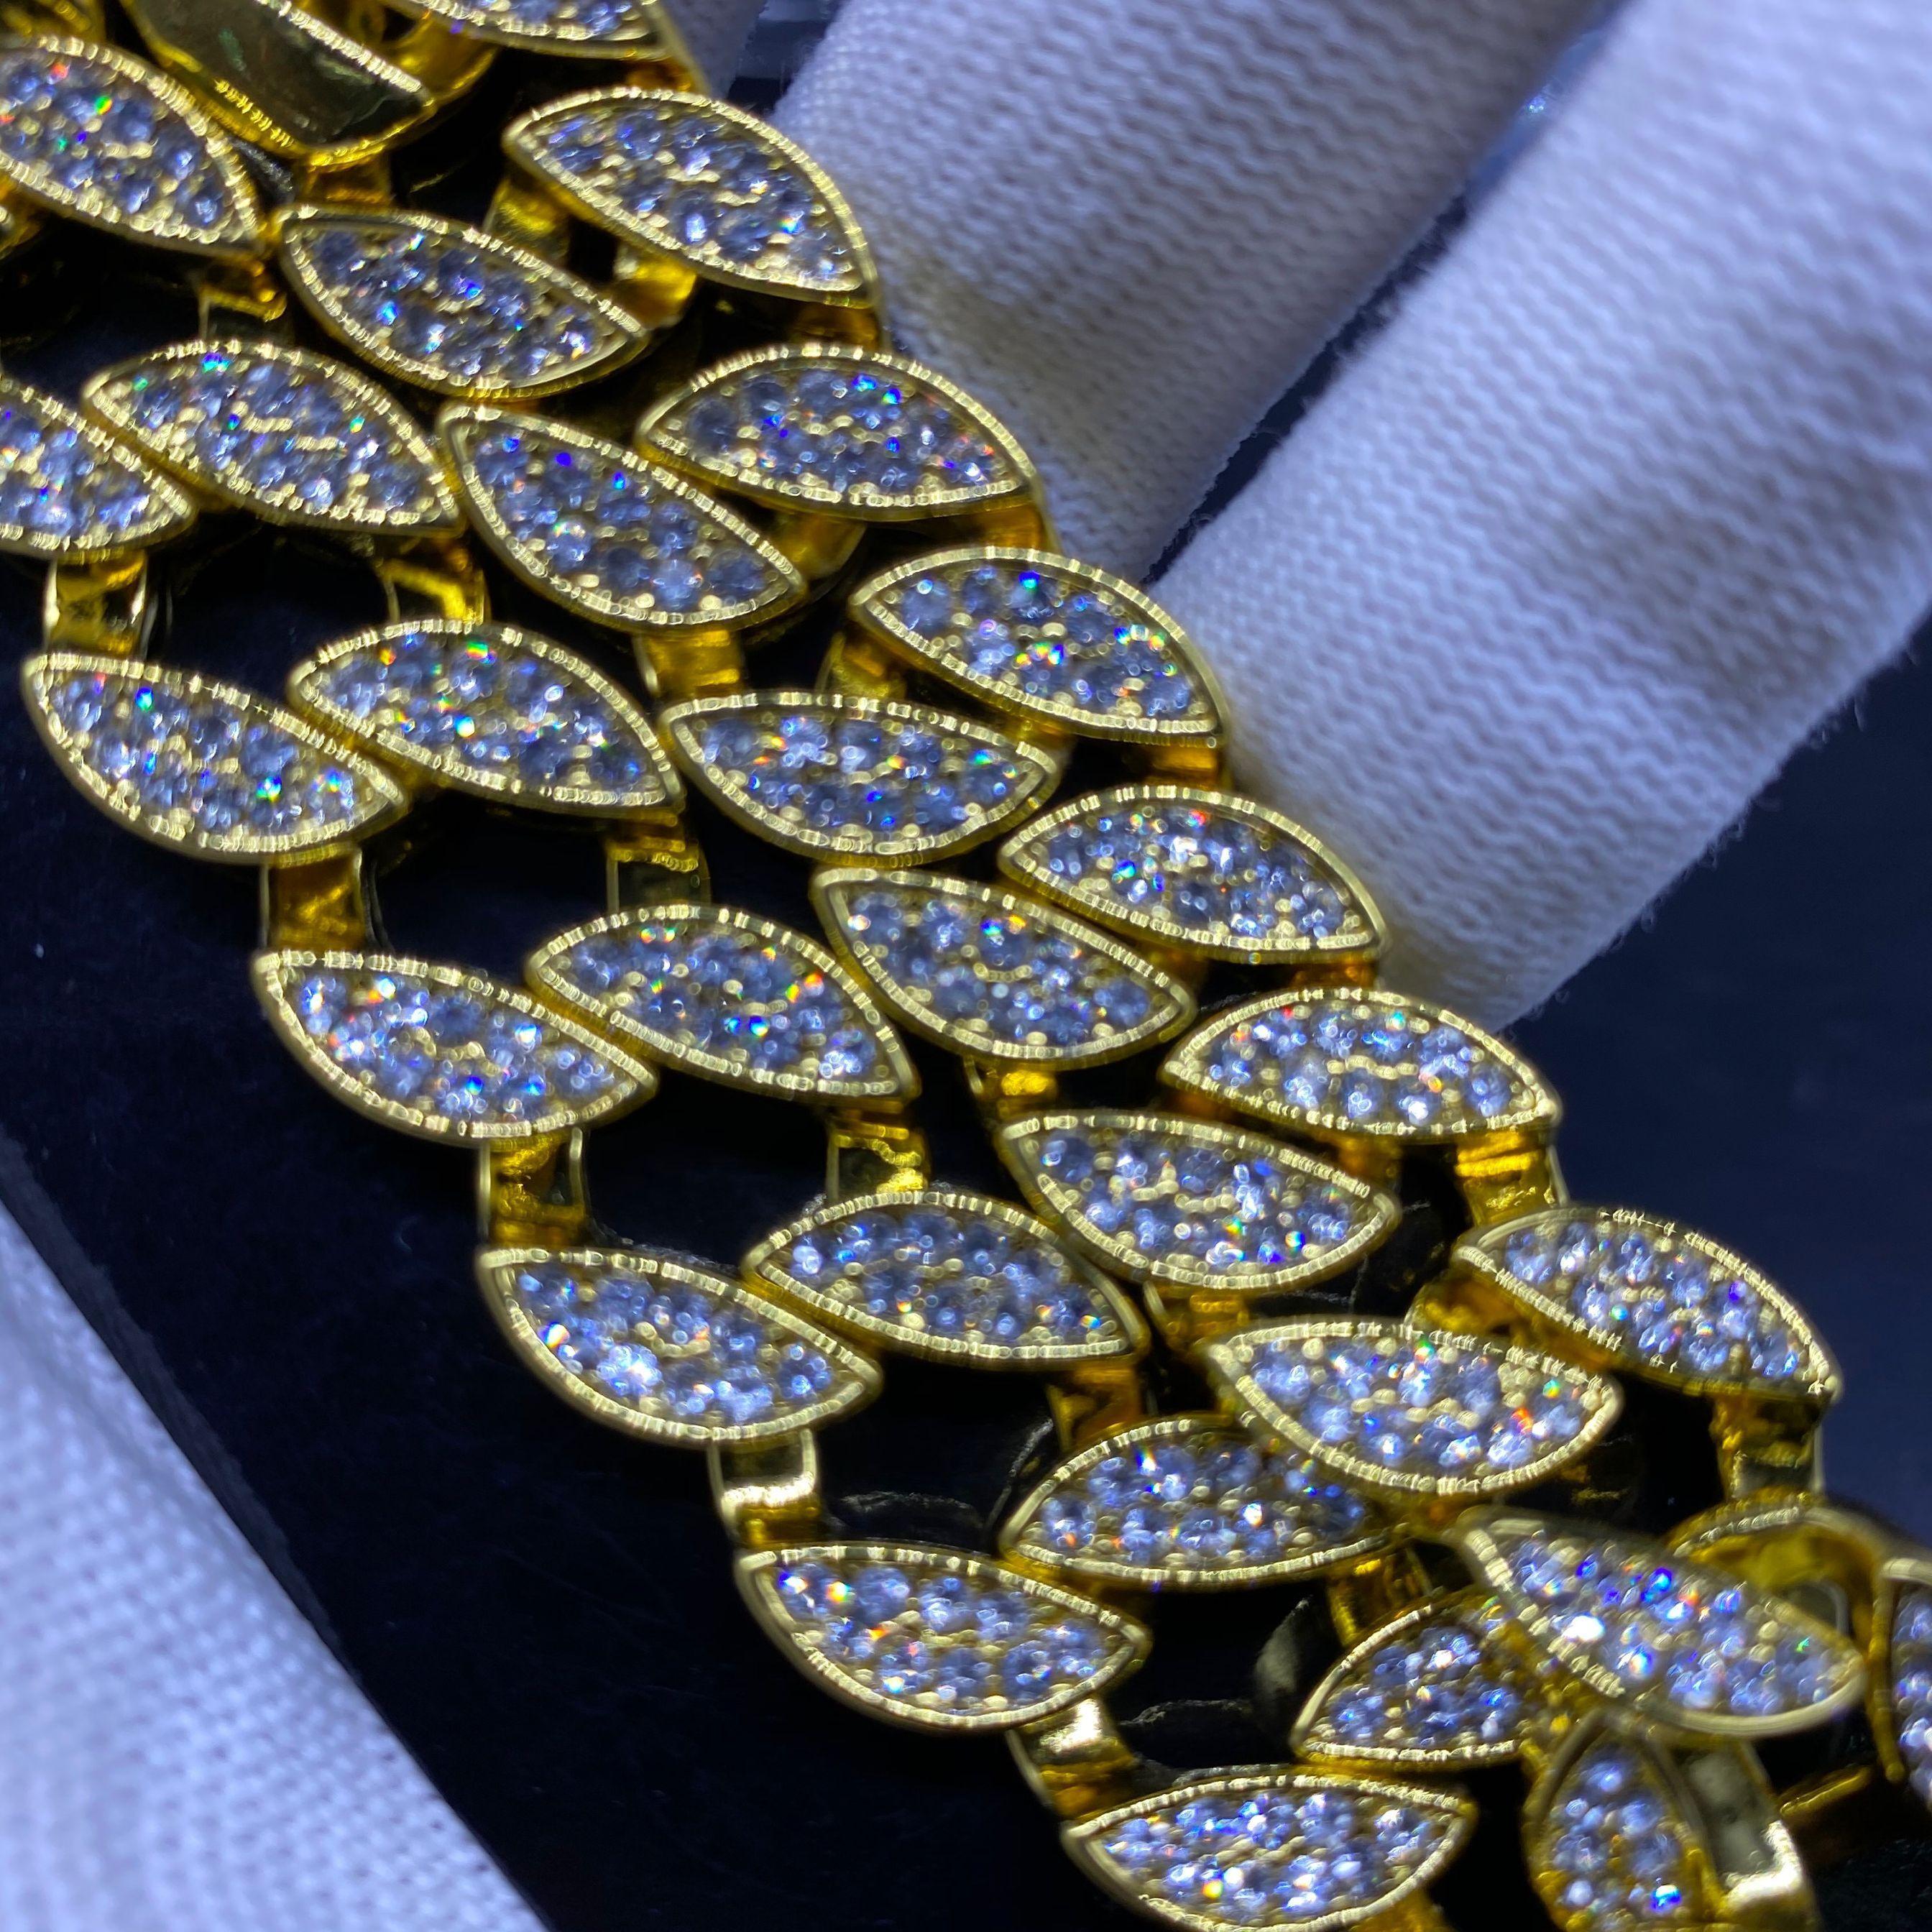 or Cuba chaîne hip hop rappeurs de mode bijoux collier de diamants de la colle chaude